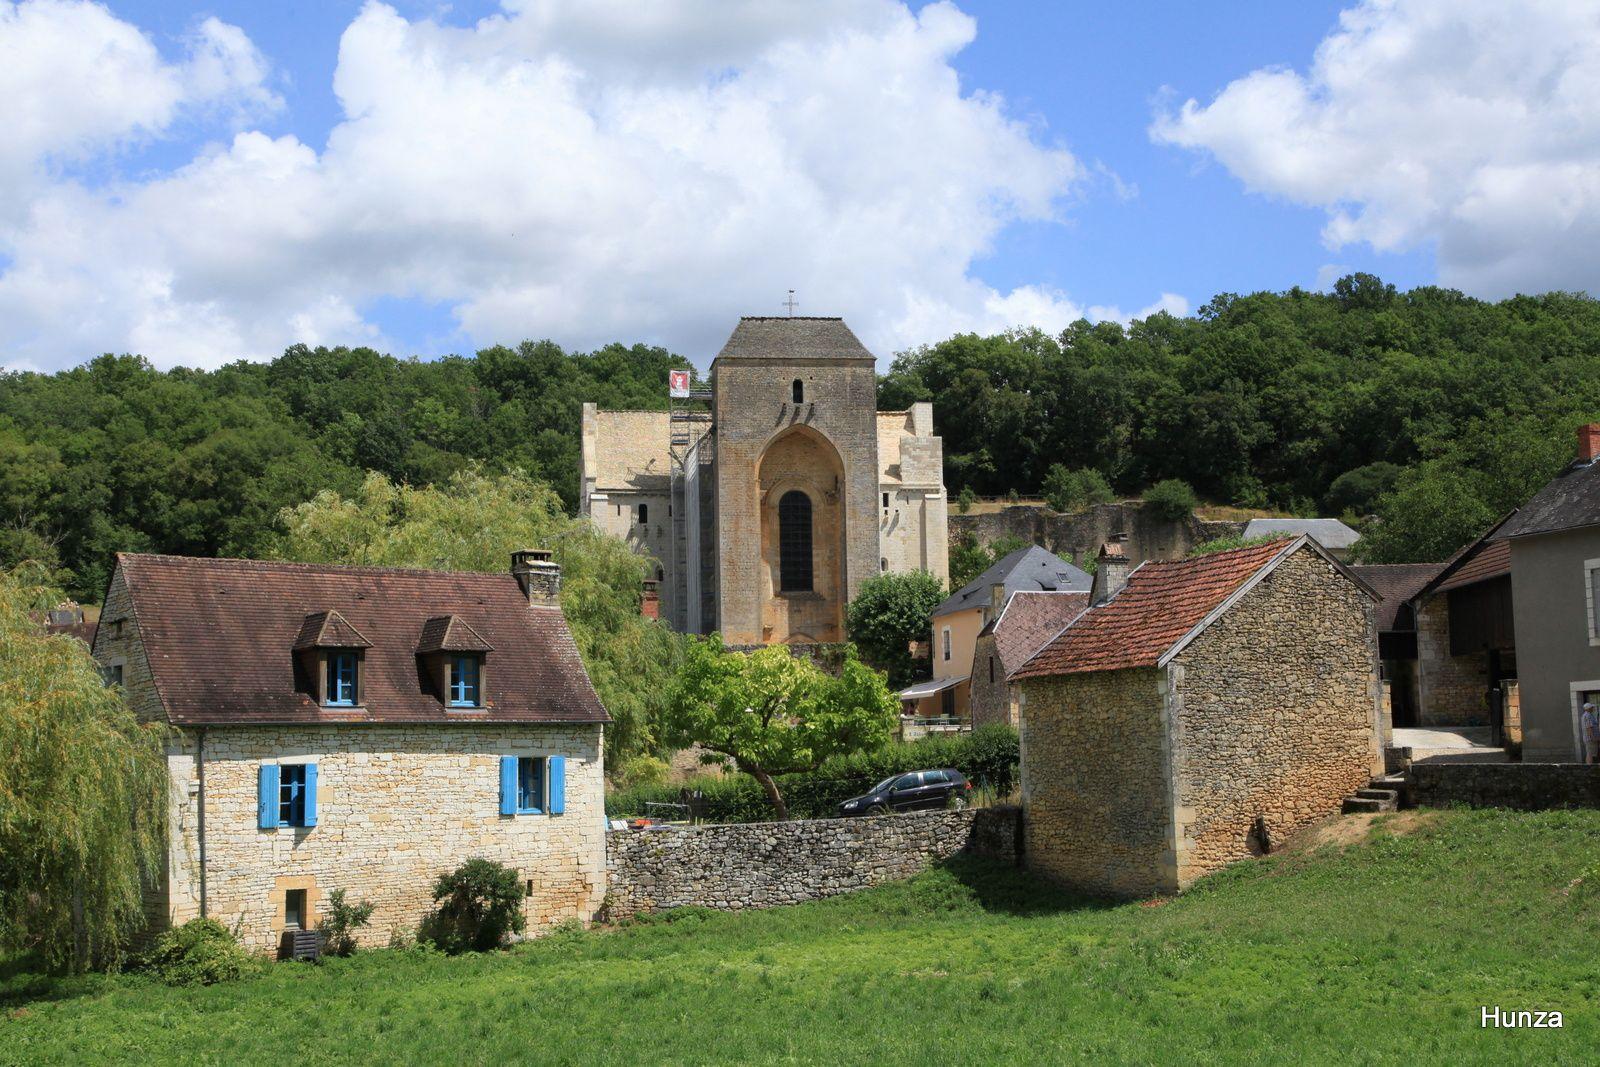 Découverte de la vallée de la Vézere : du Bugue à Terrasson Lavilledieu en passant par Lascaux